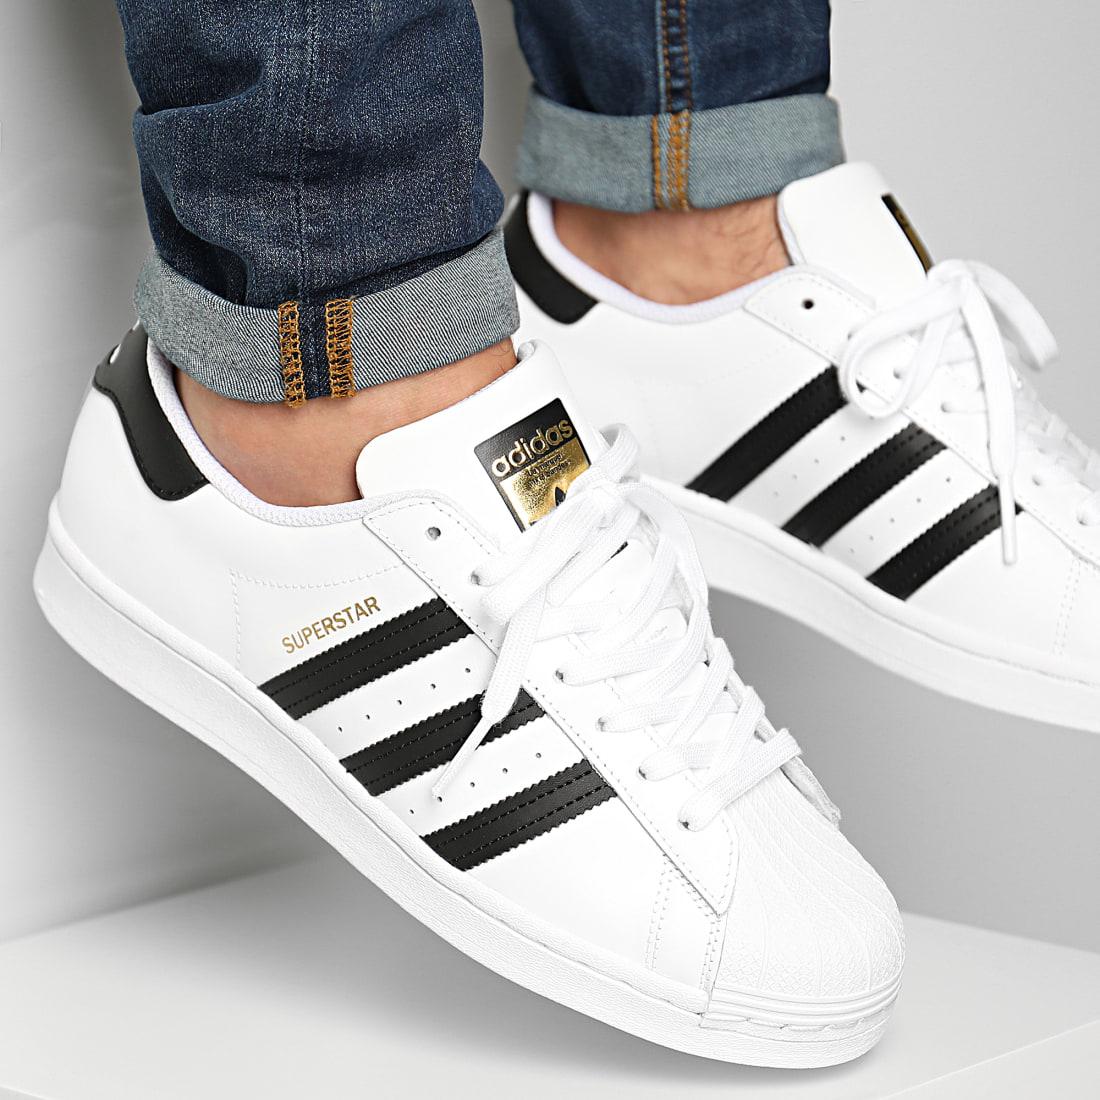 Adidas Originals - Baskets Superstar EG4958 Footwear White Core ...